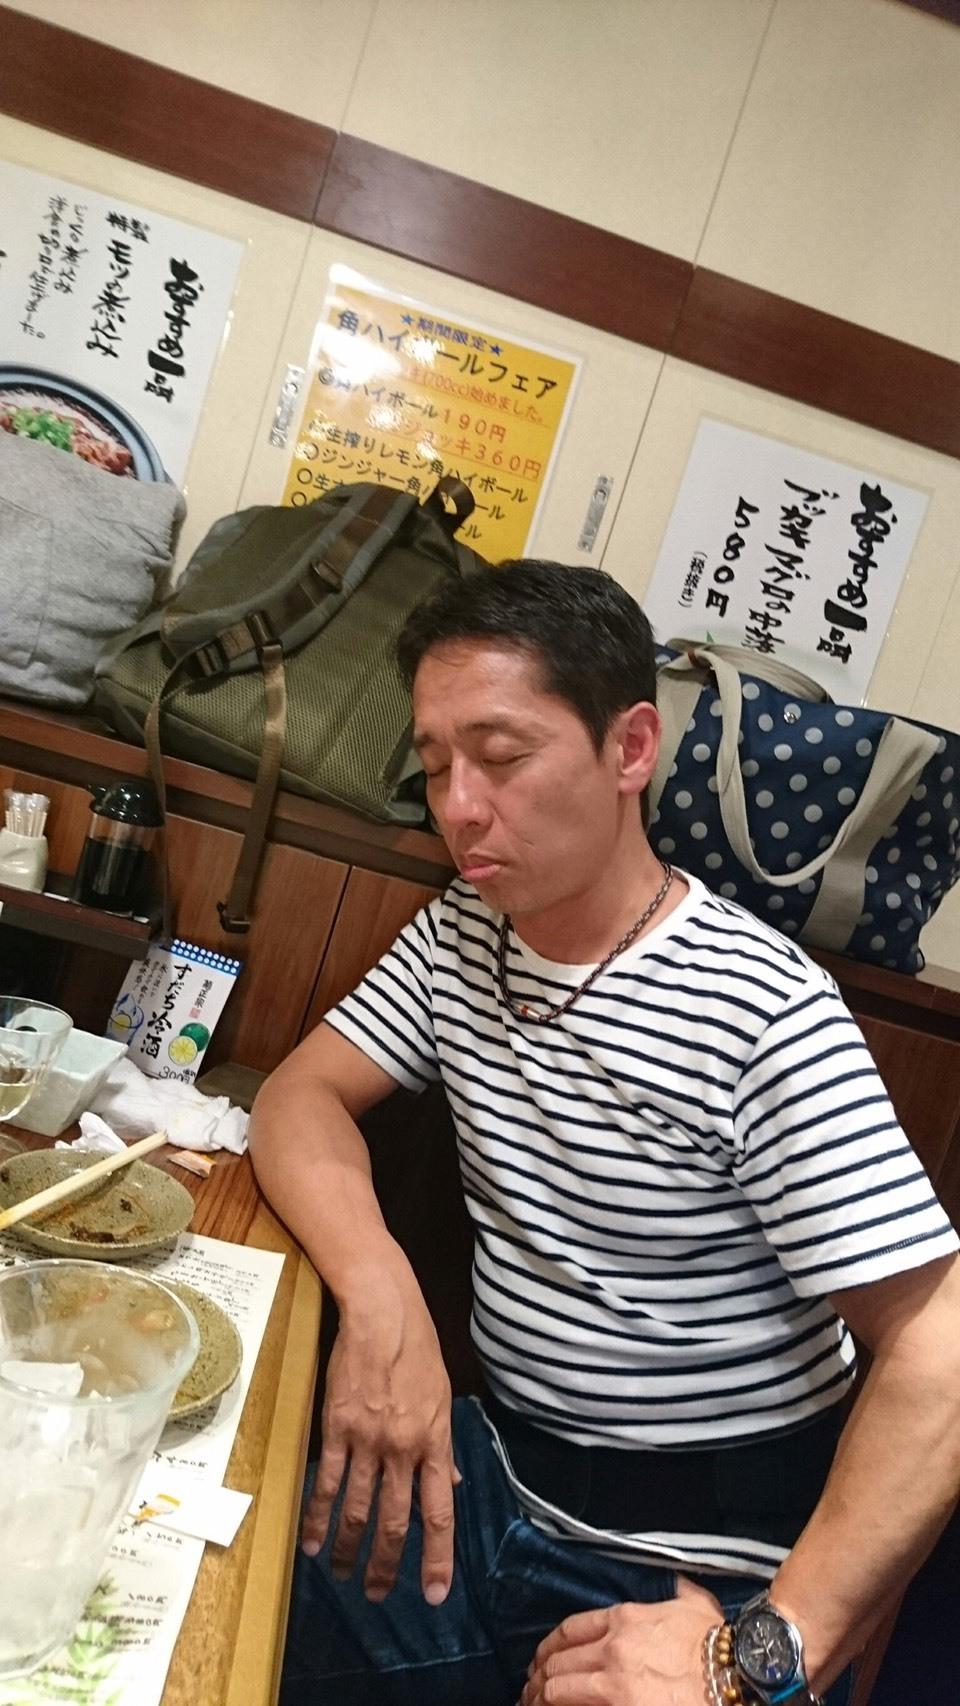 お疲れの大森ヒロシさん_a0163623_23272843.jpg